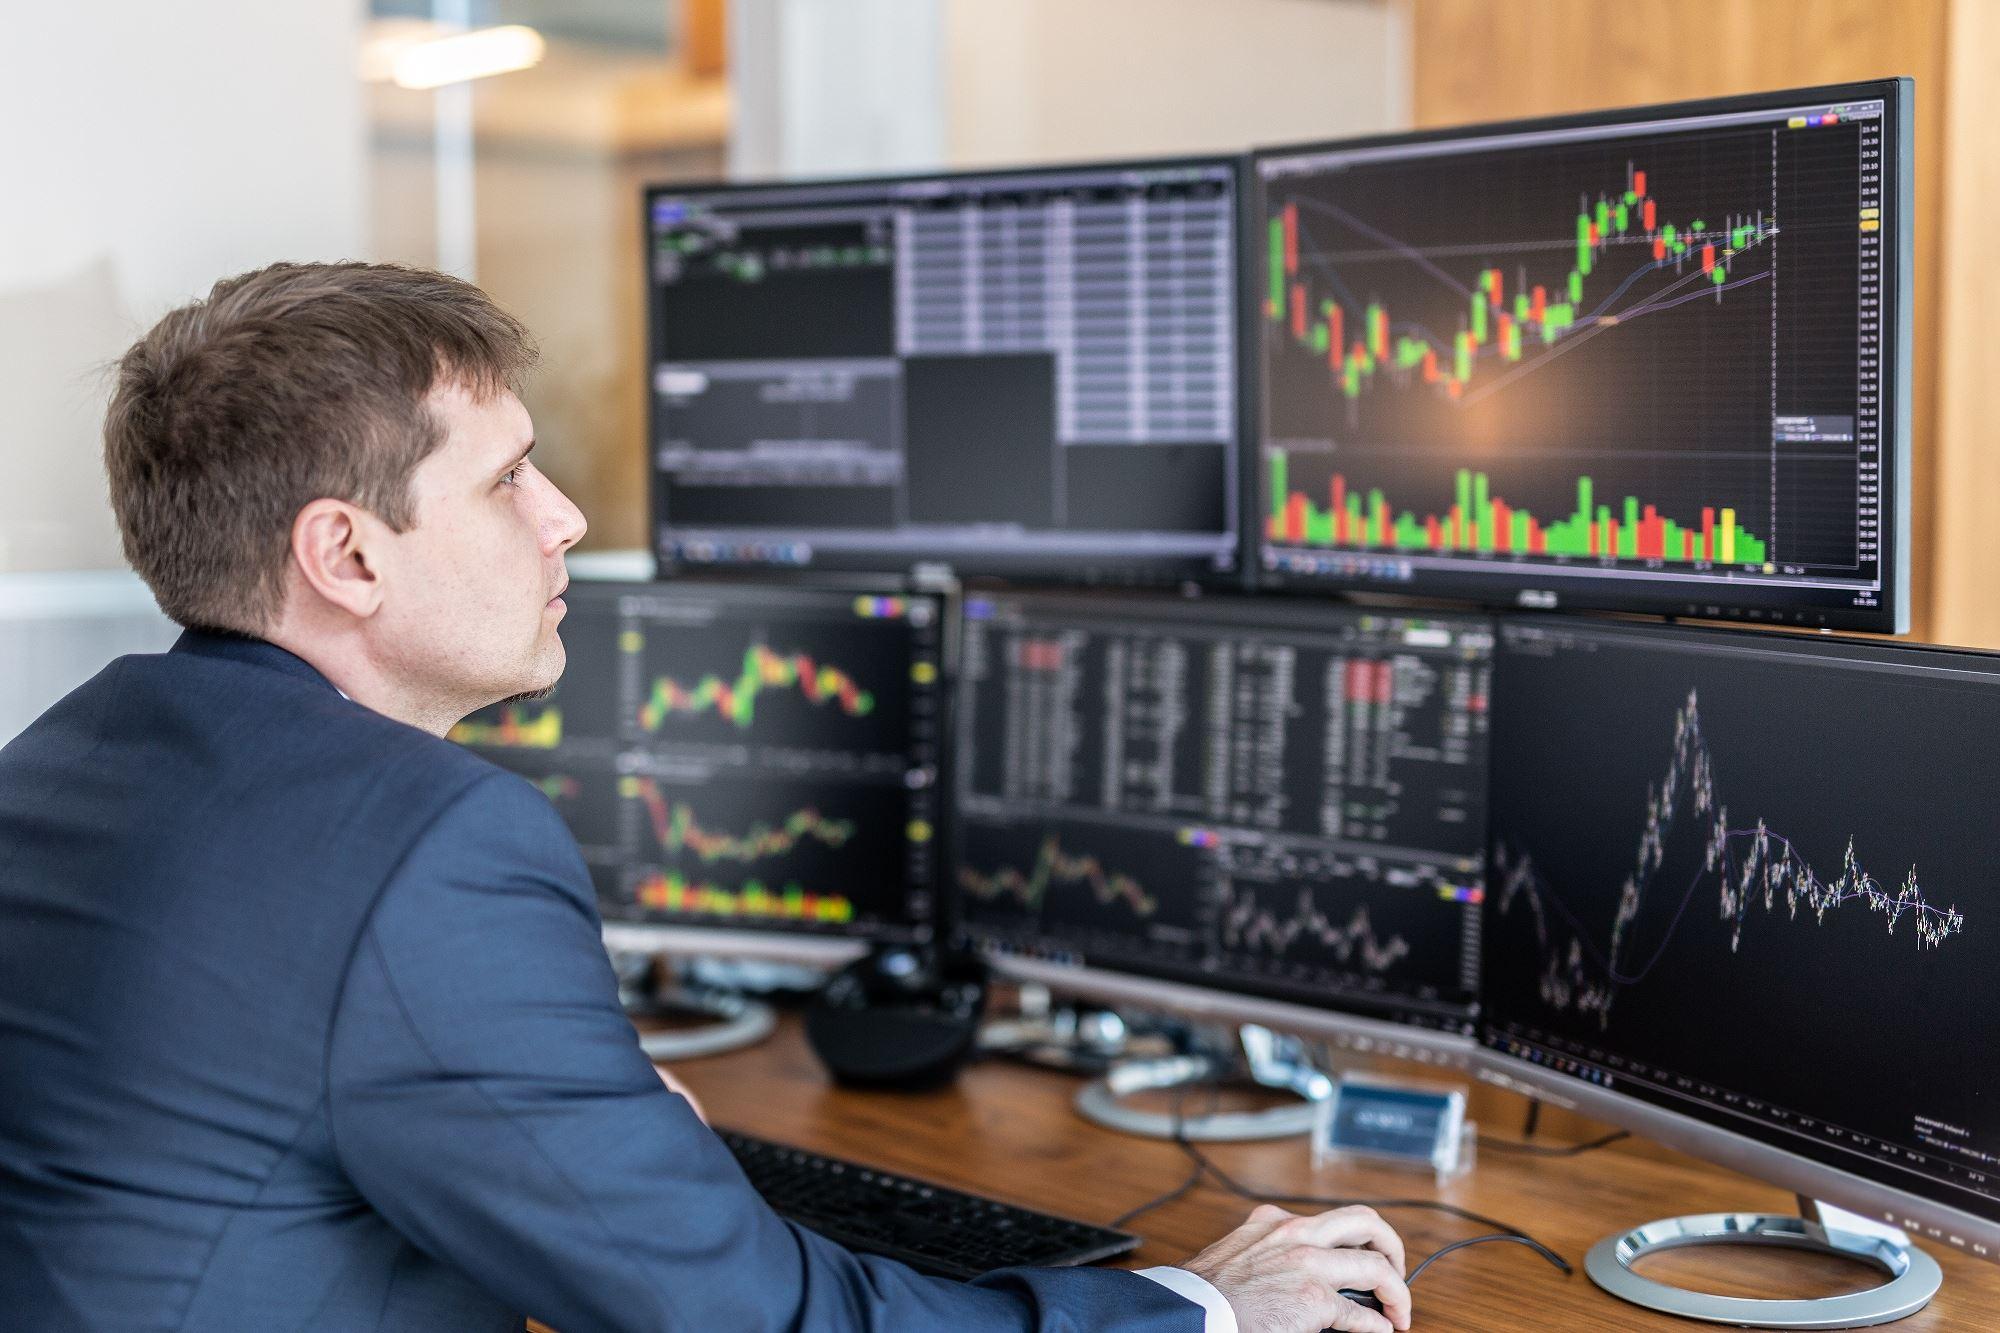 Khối ngoại tiếp tục bán ròng 592 tỷ đồng trên HoSE trong phiên 11/11